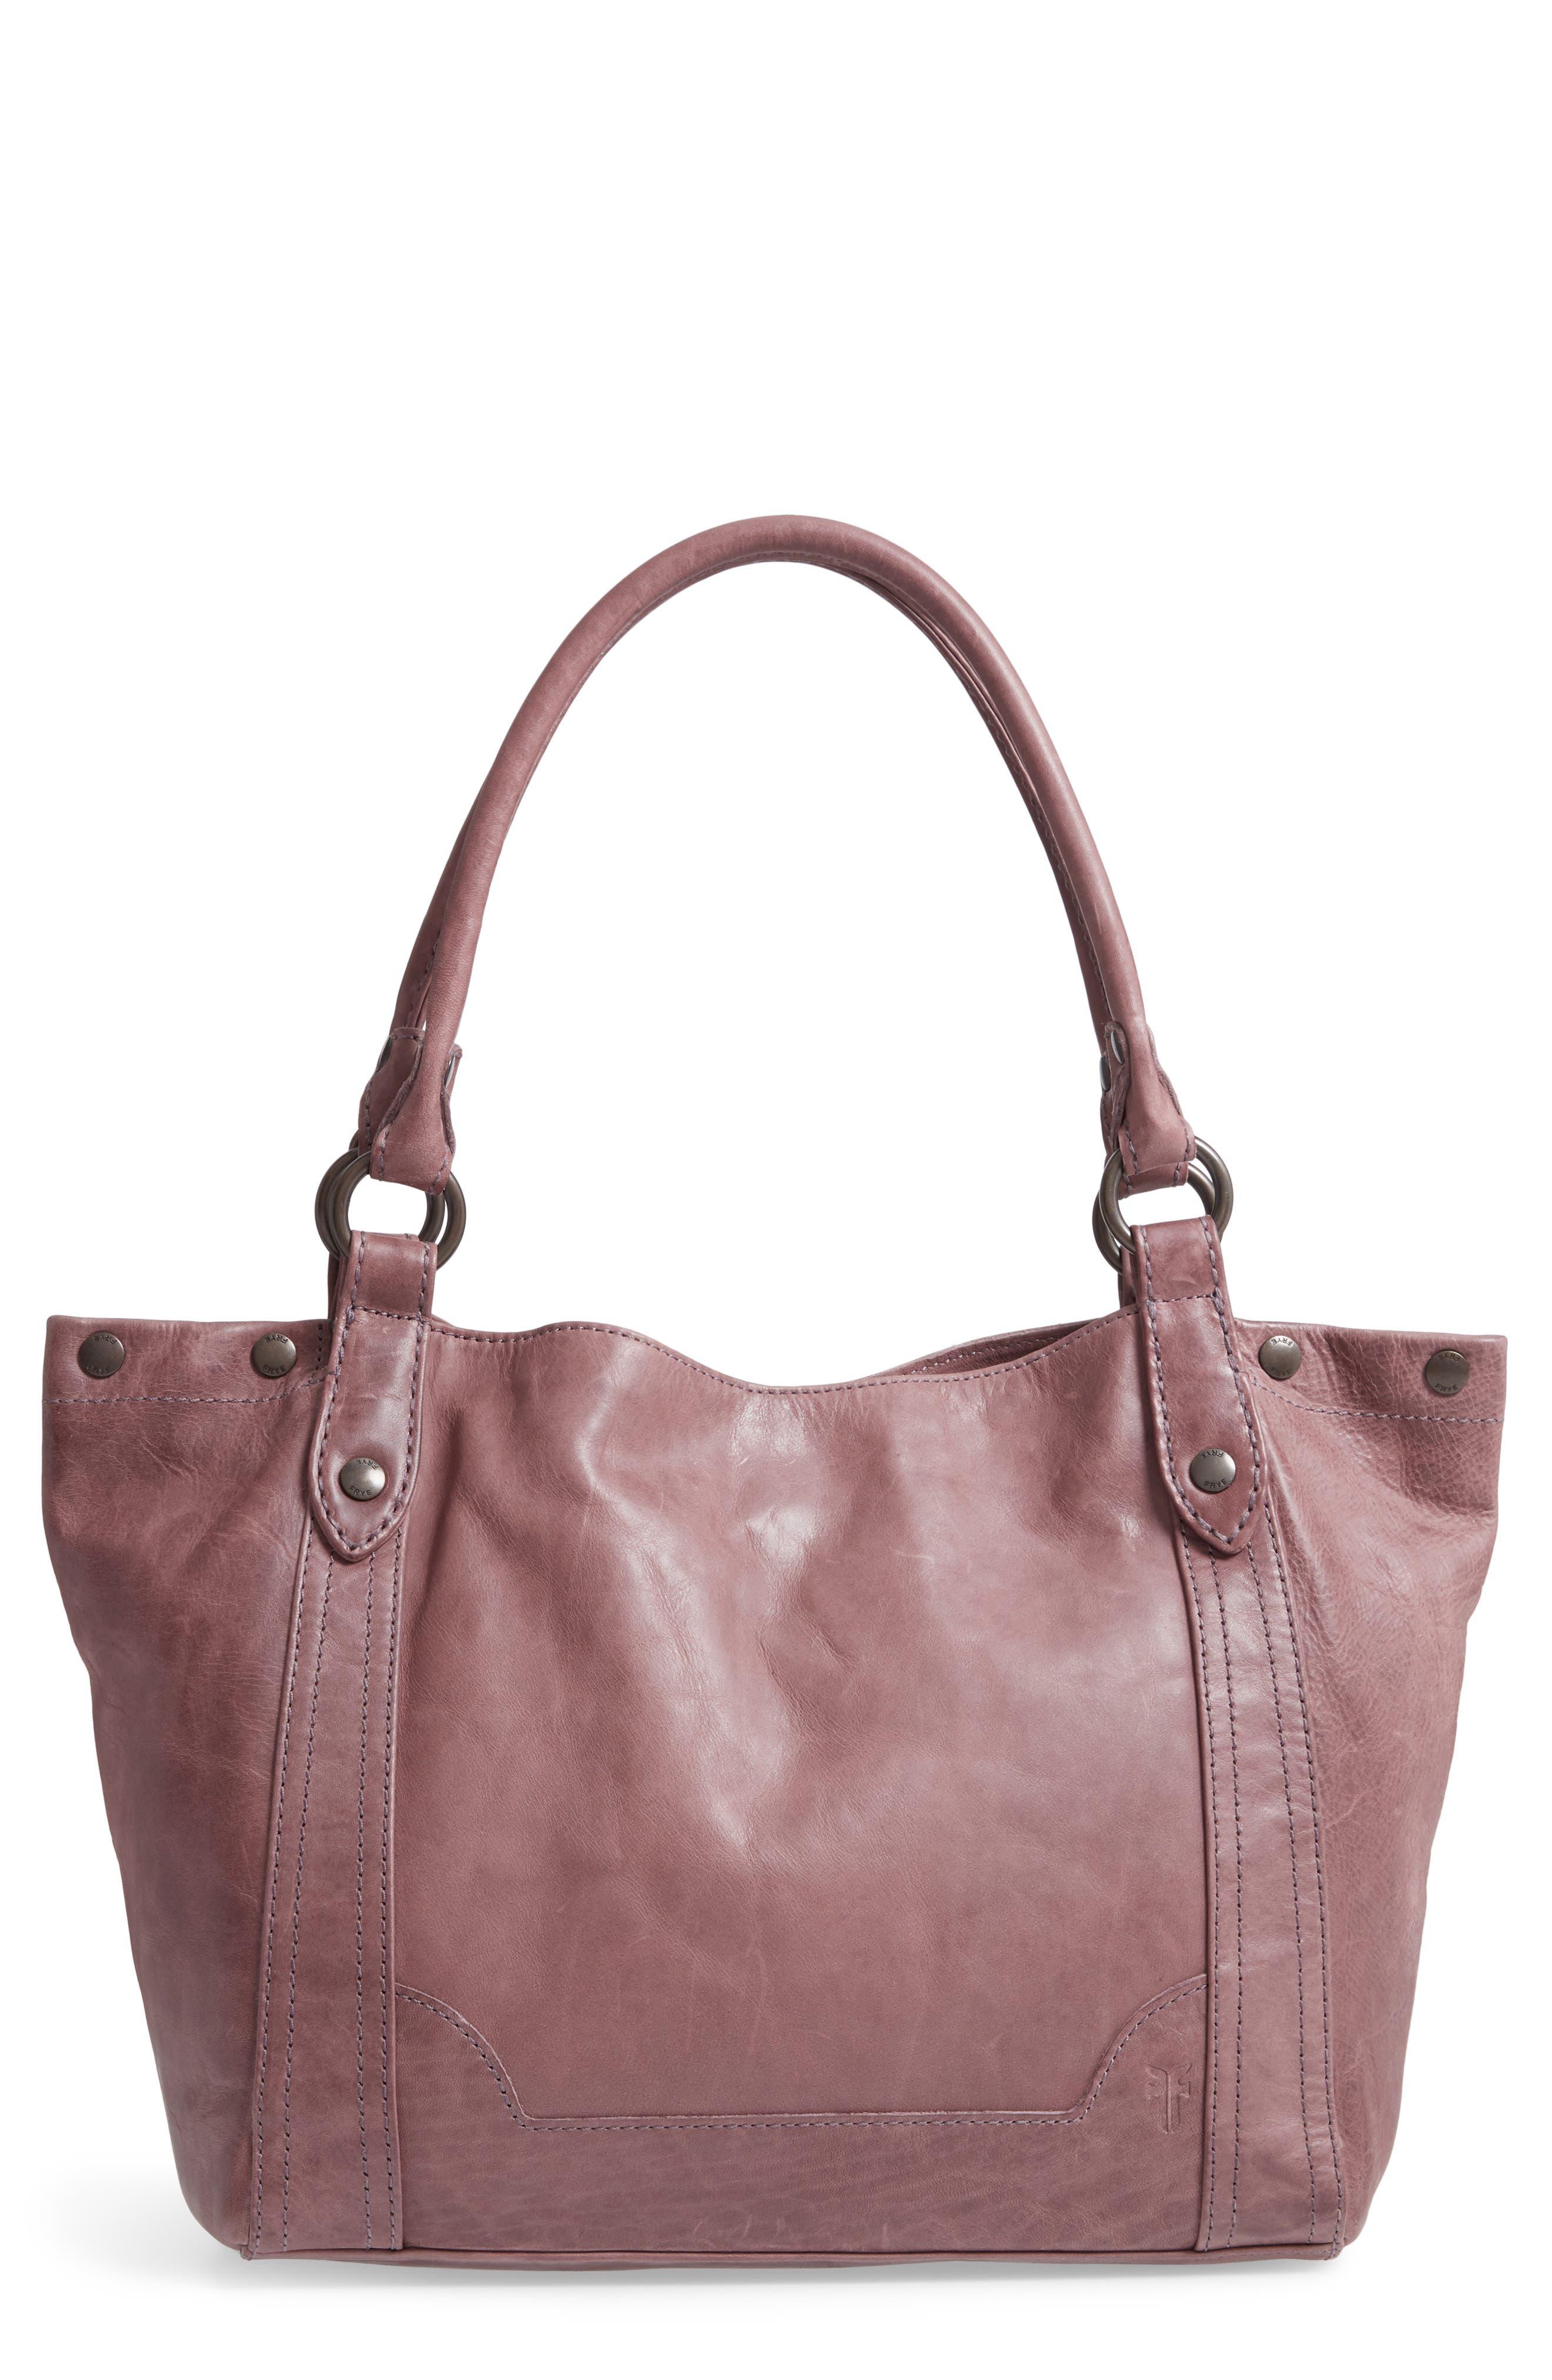 FRYE Melissa Leather Shoulder Bag, Main, color, LILAC